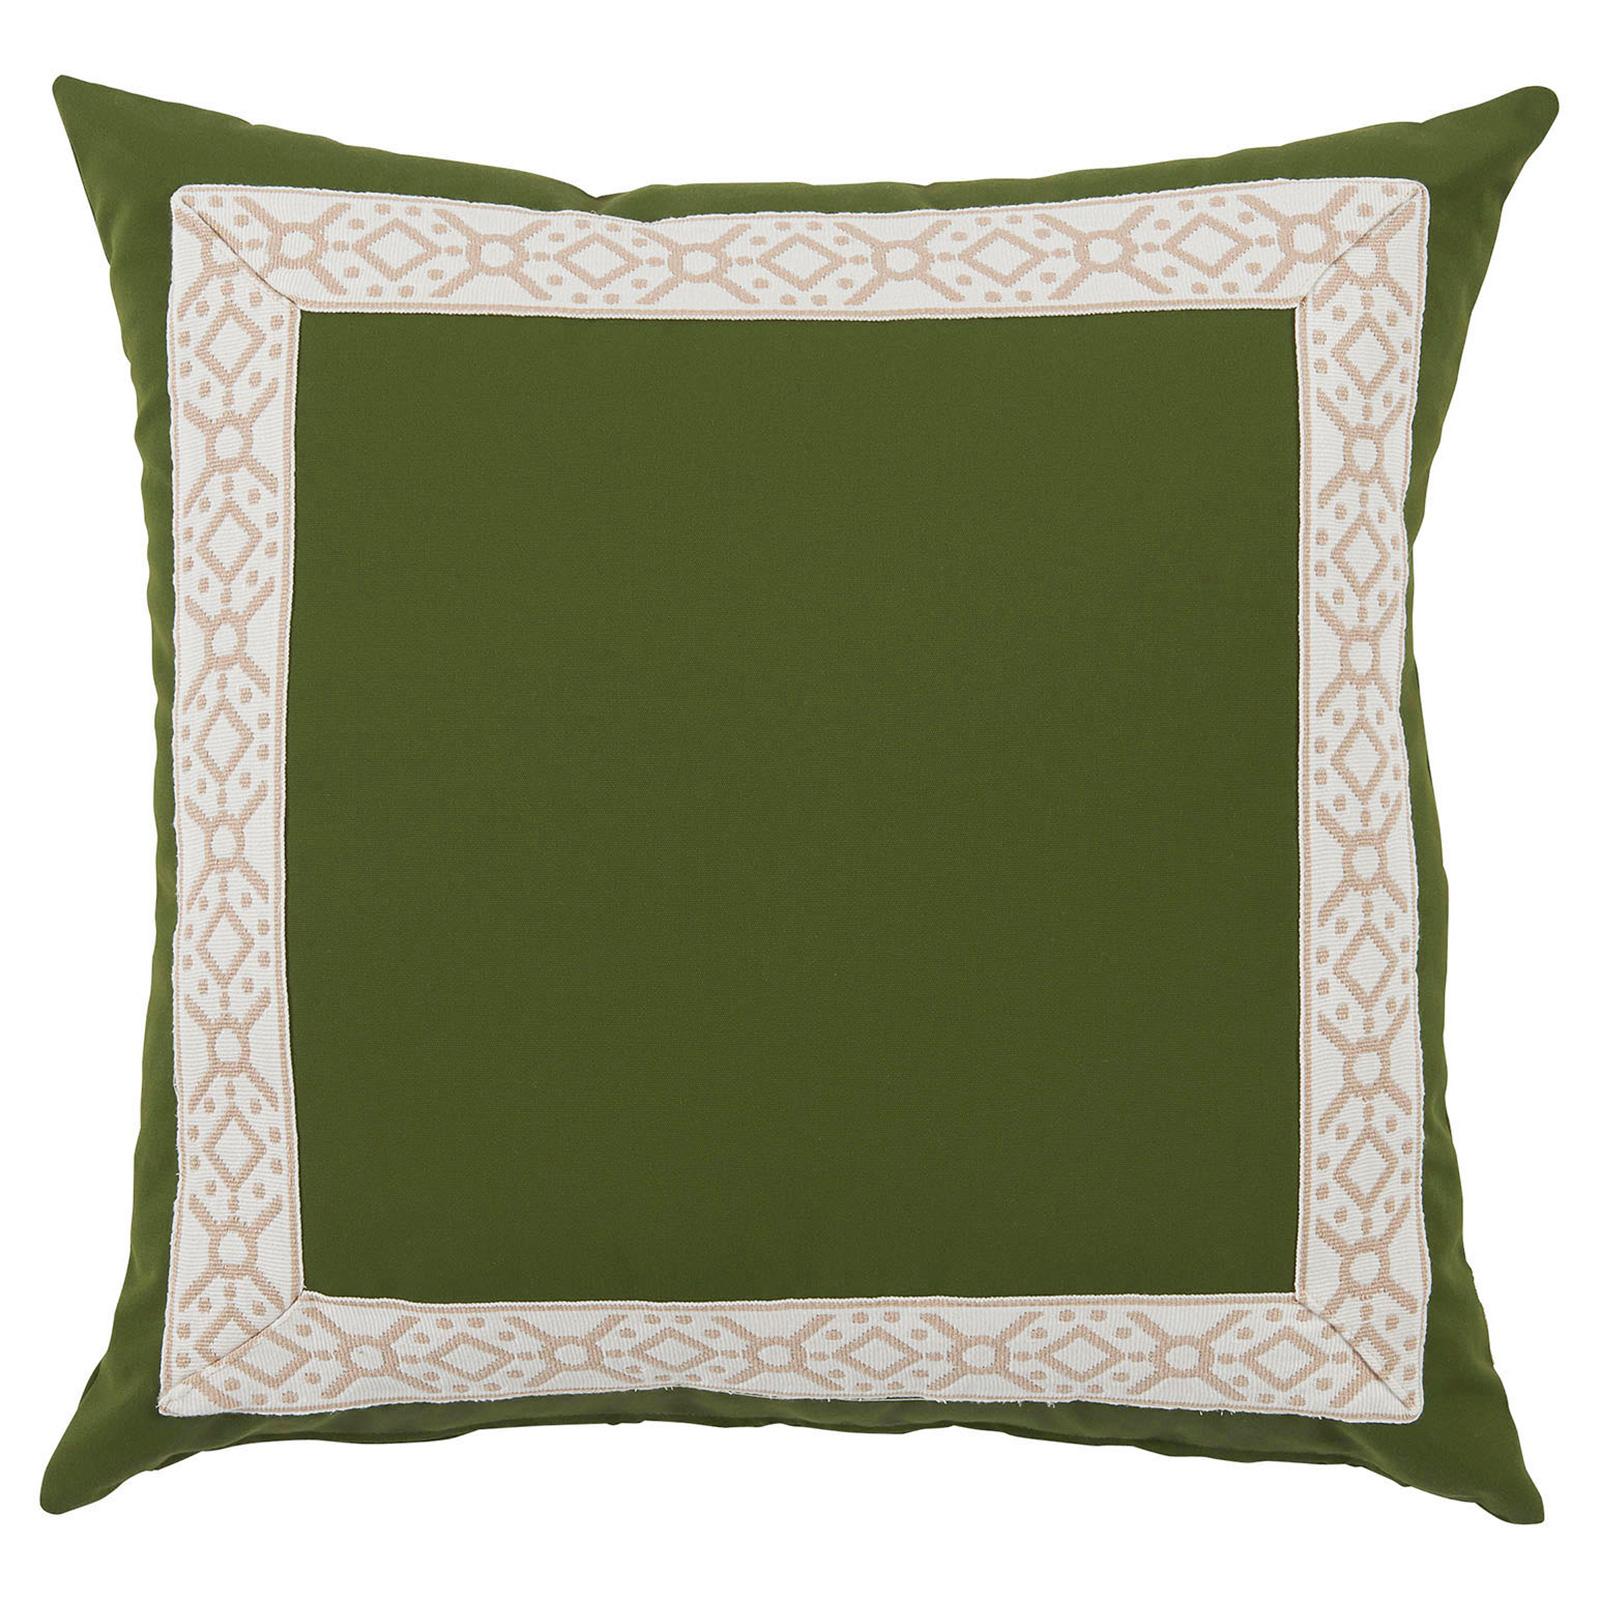 Perri Modern Global Trim Green Outdoor Pillow - 22x22